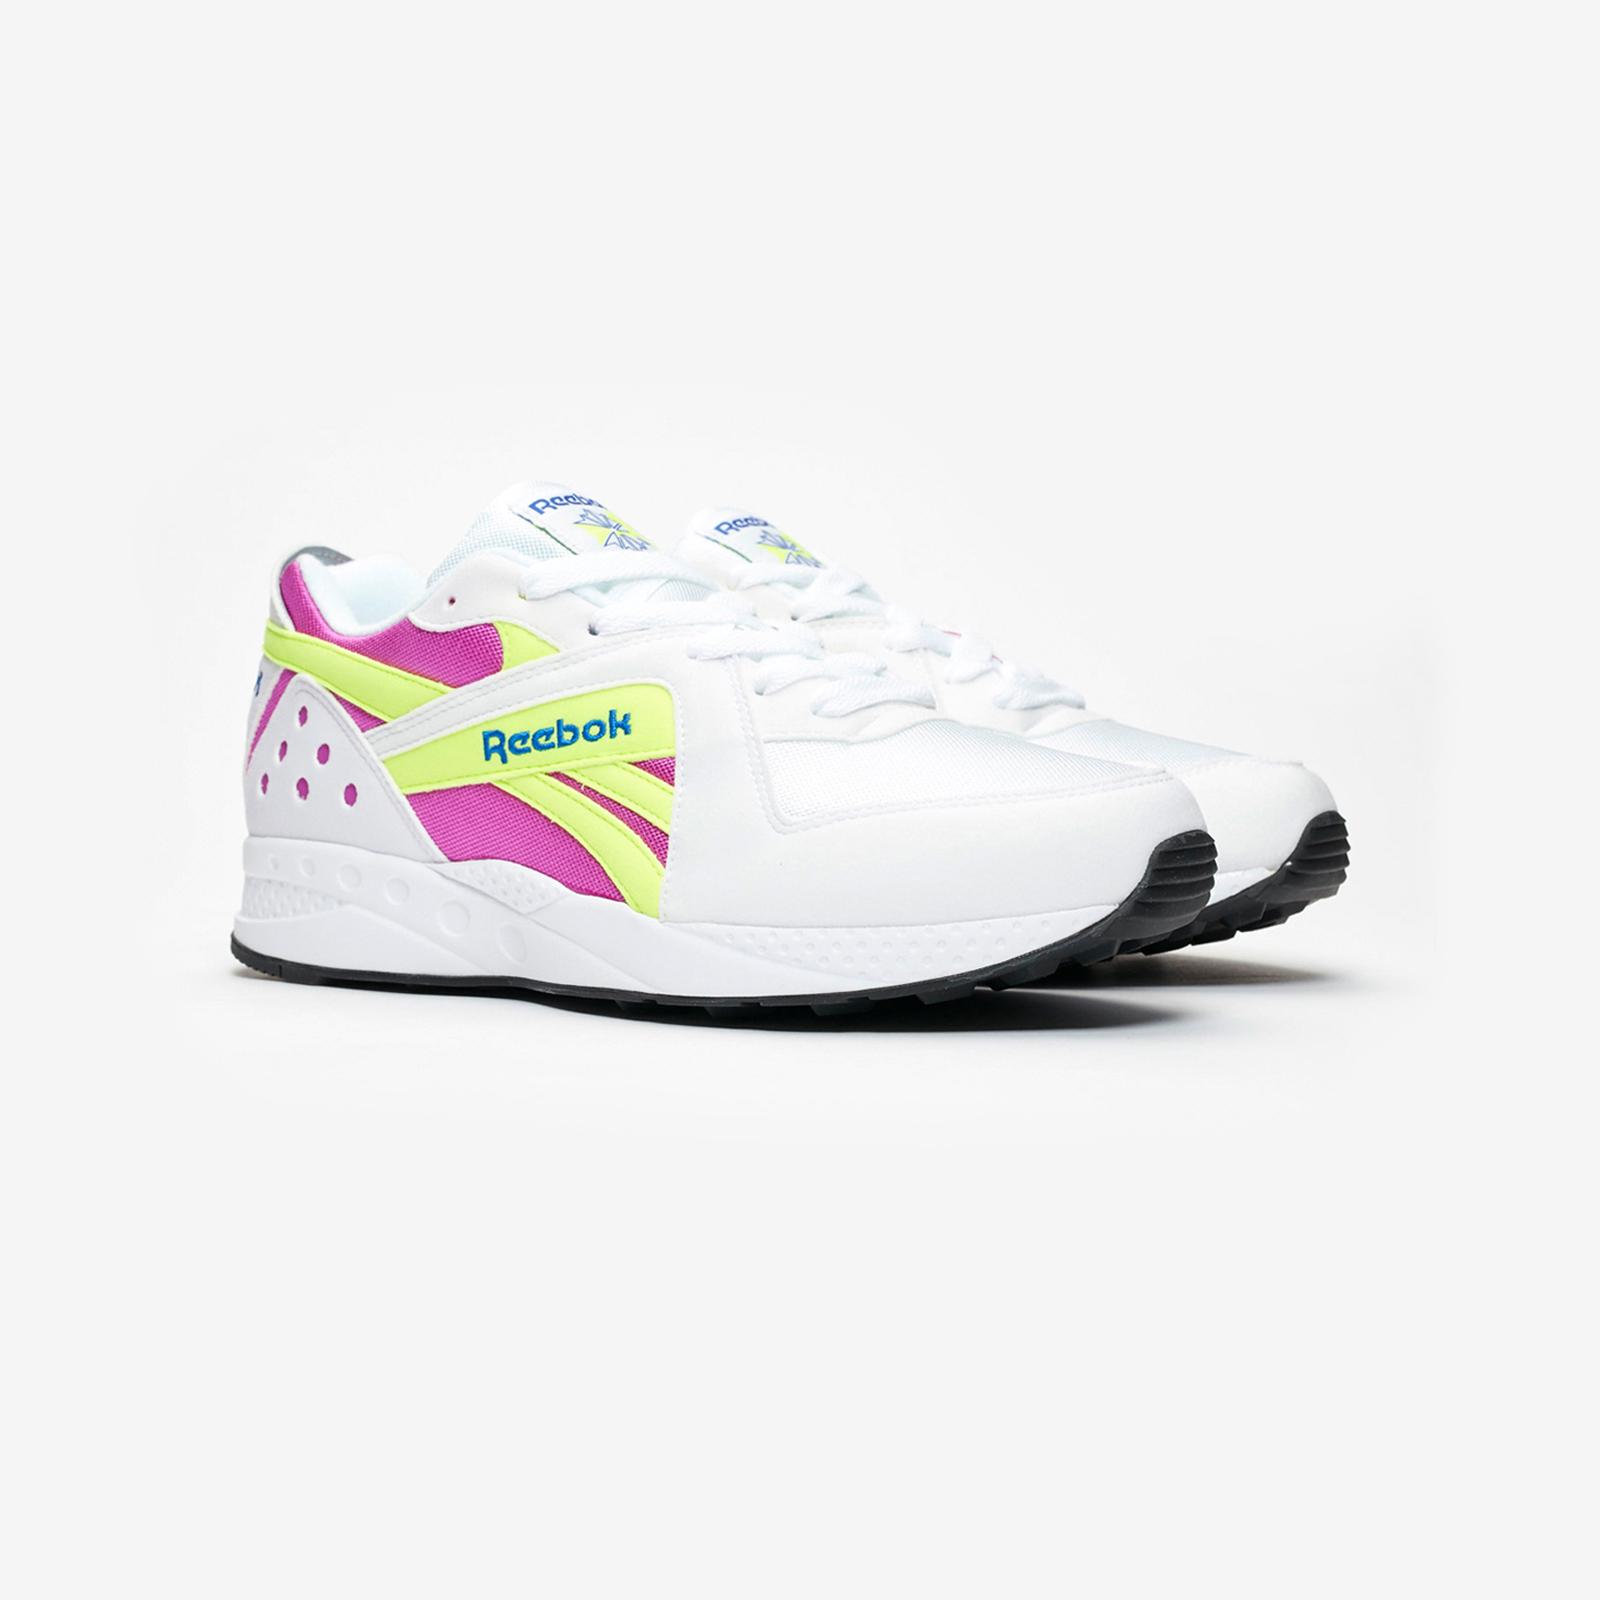 b88a71a41a4 Reebok Pyro - Dv4847 - Sneakersnstuff